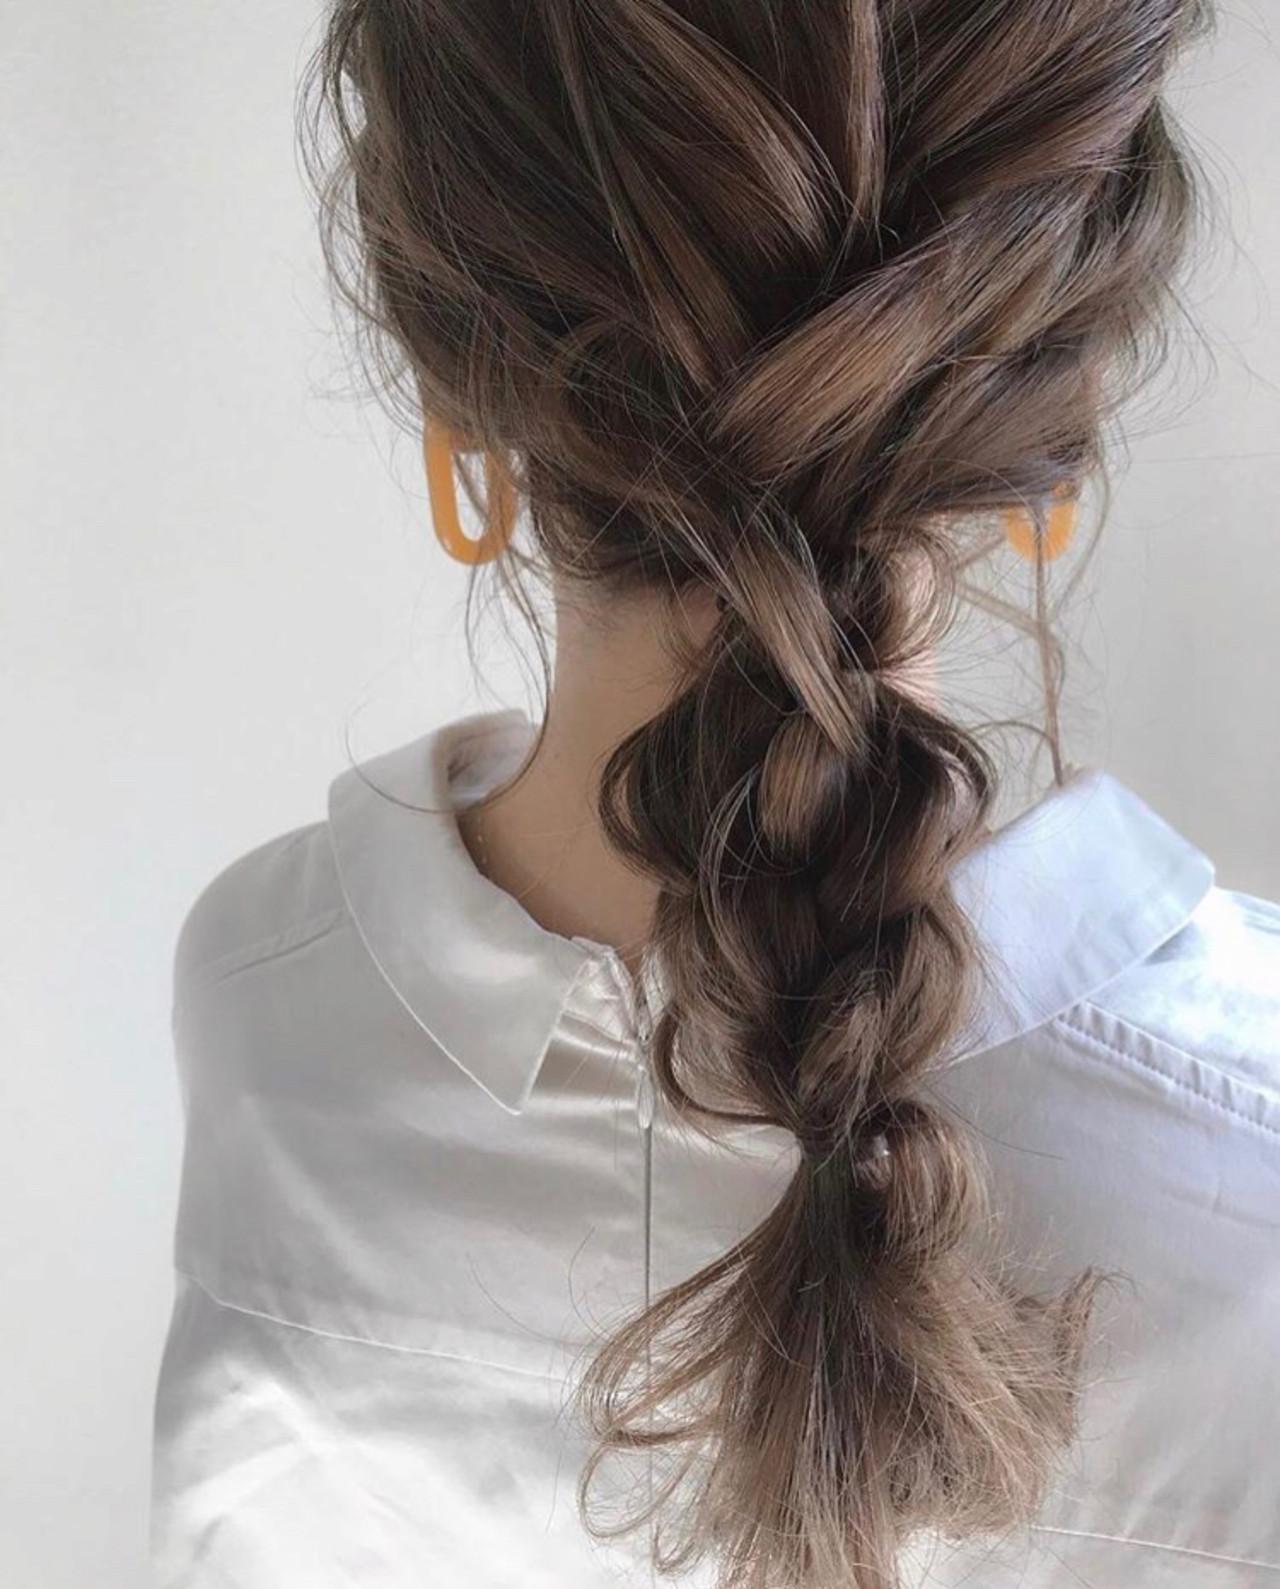 ナチュラル デート 簡単ヘアアレンジ ヘアアレンジ ヘアスタイルや髪型の写真・画像 | 三木 奨太 / hair set salon  IRIS